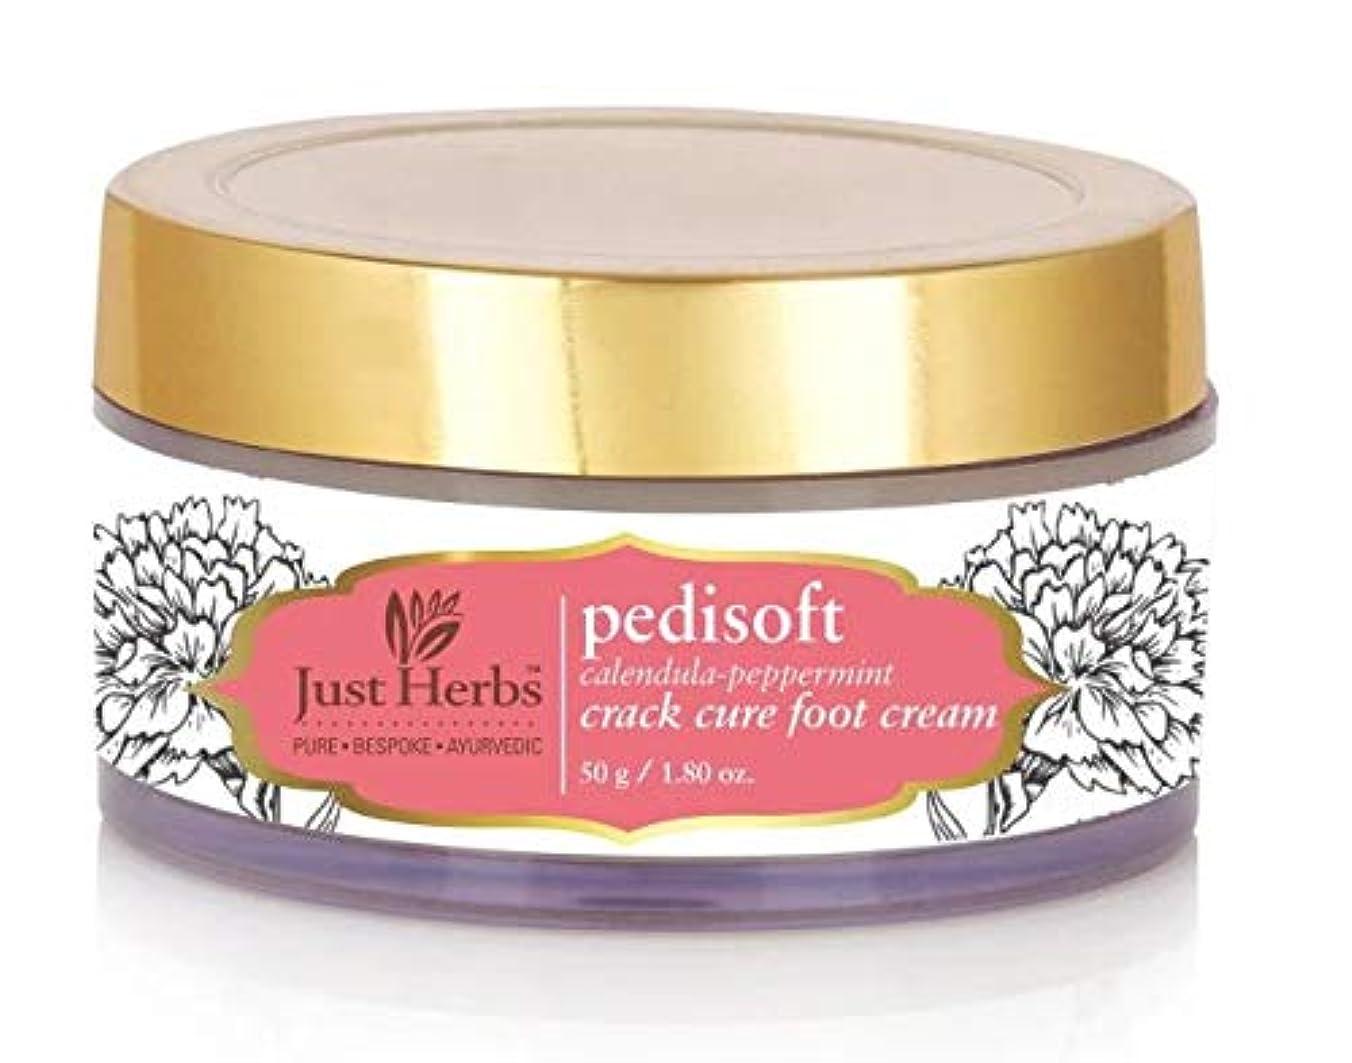 セブンエゴイズム統治可能Just Herbs Pedisoft Crack Care Foot Cream - 50gm